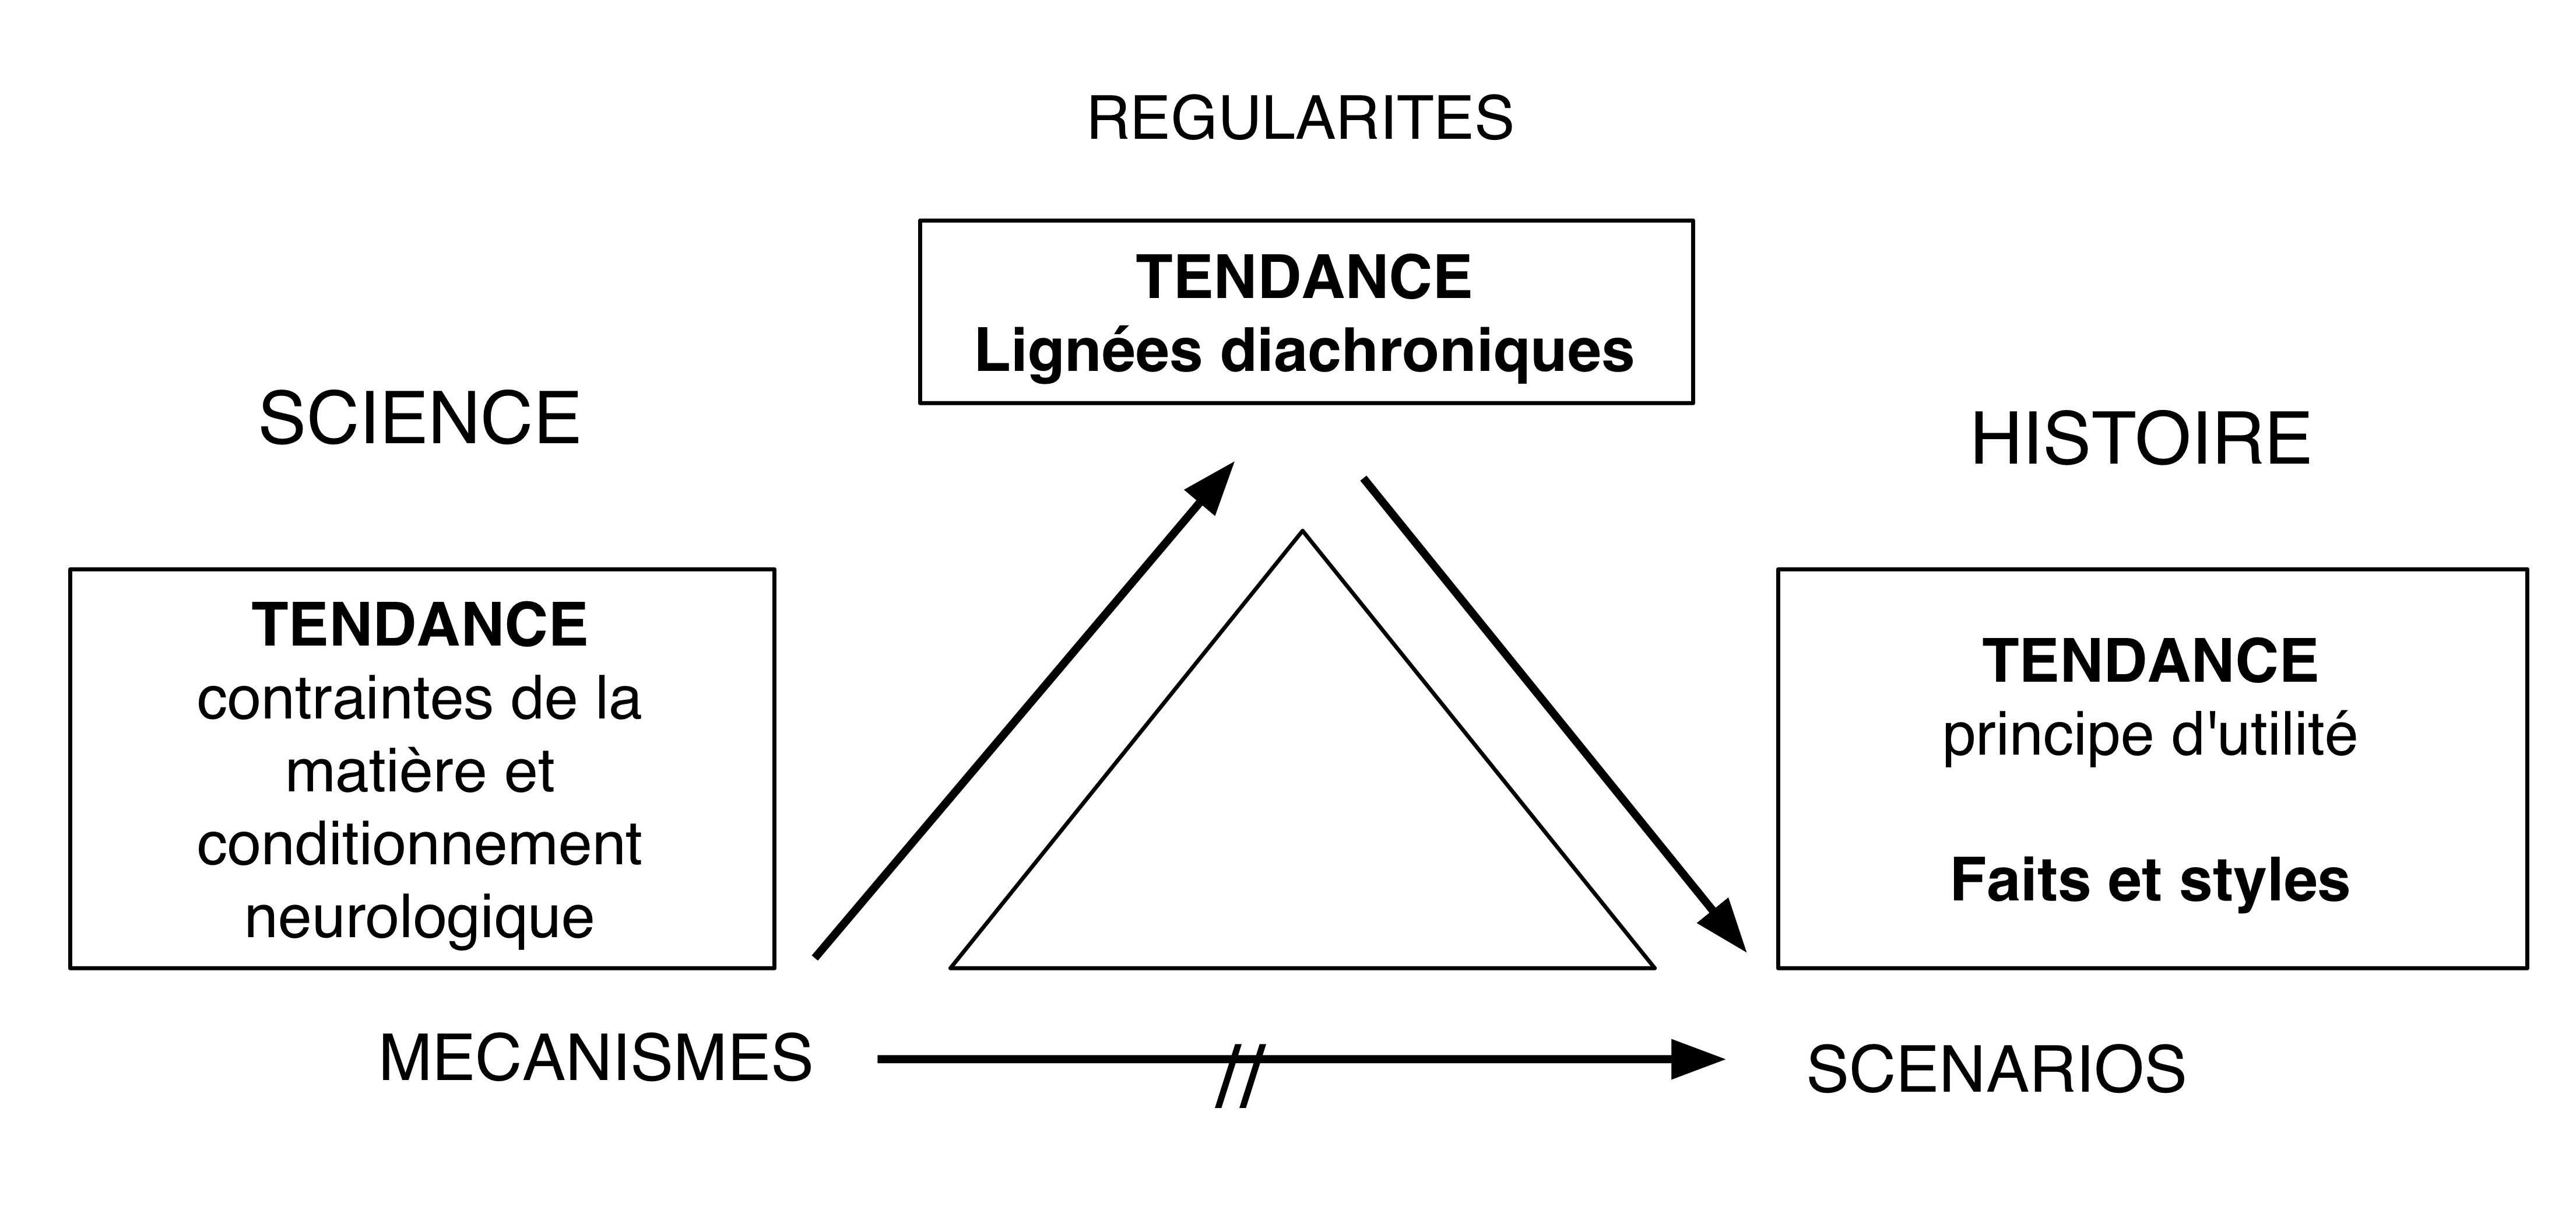 Fig. 10. Positions épistémologiques de la notion de tendance chez Leroi-Gourhan.